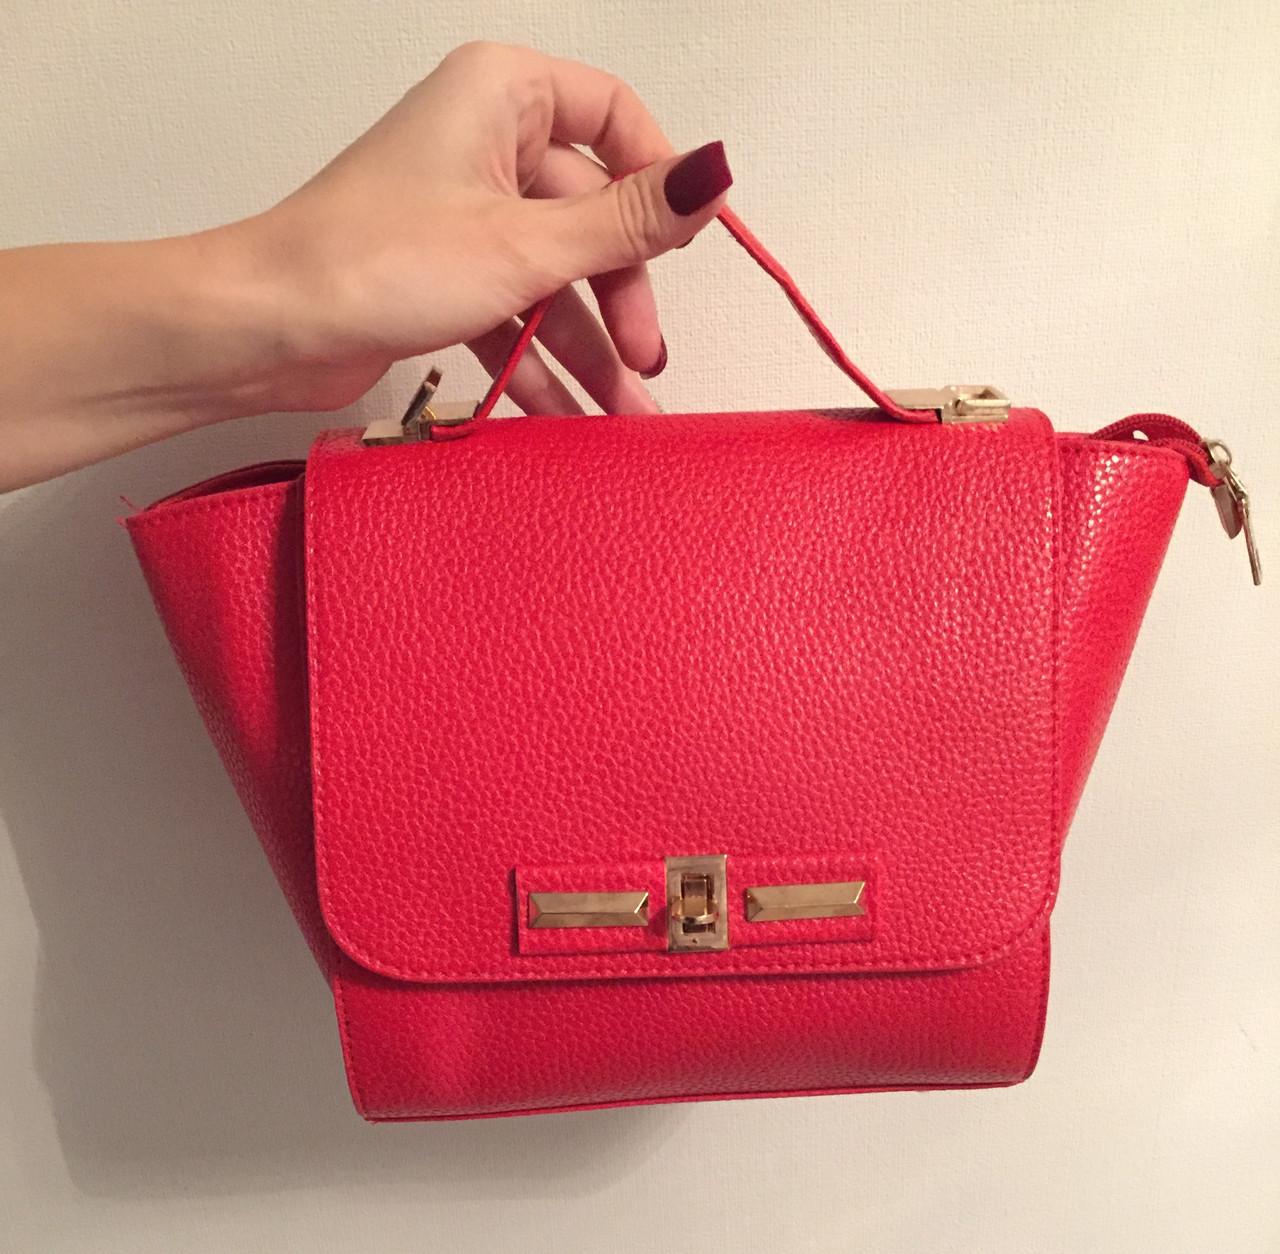 711525576b73 Женская сумка Fanta красная, сумки женские 2015 - Интернет-магазин